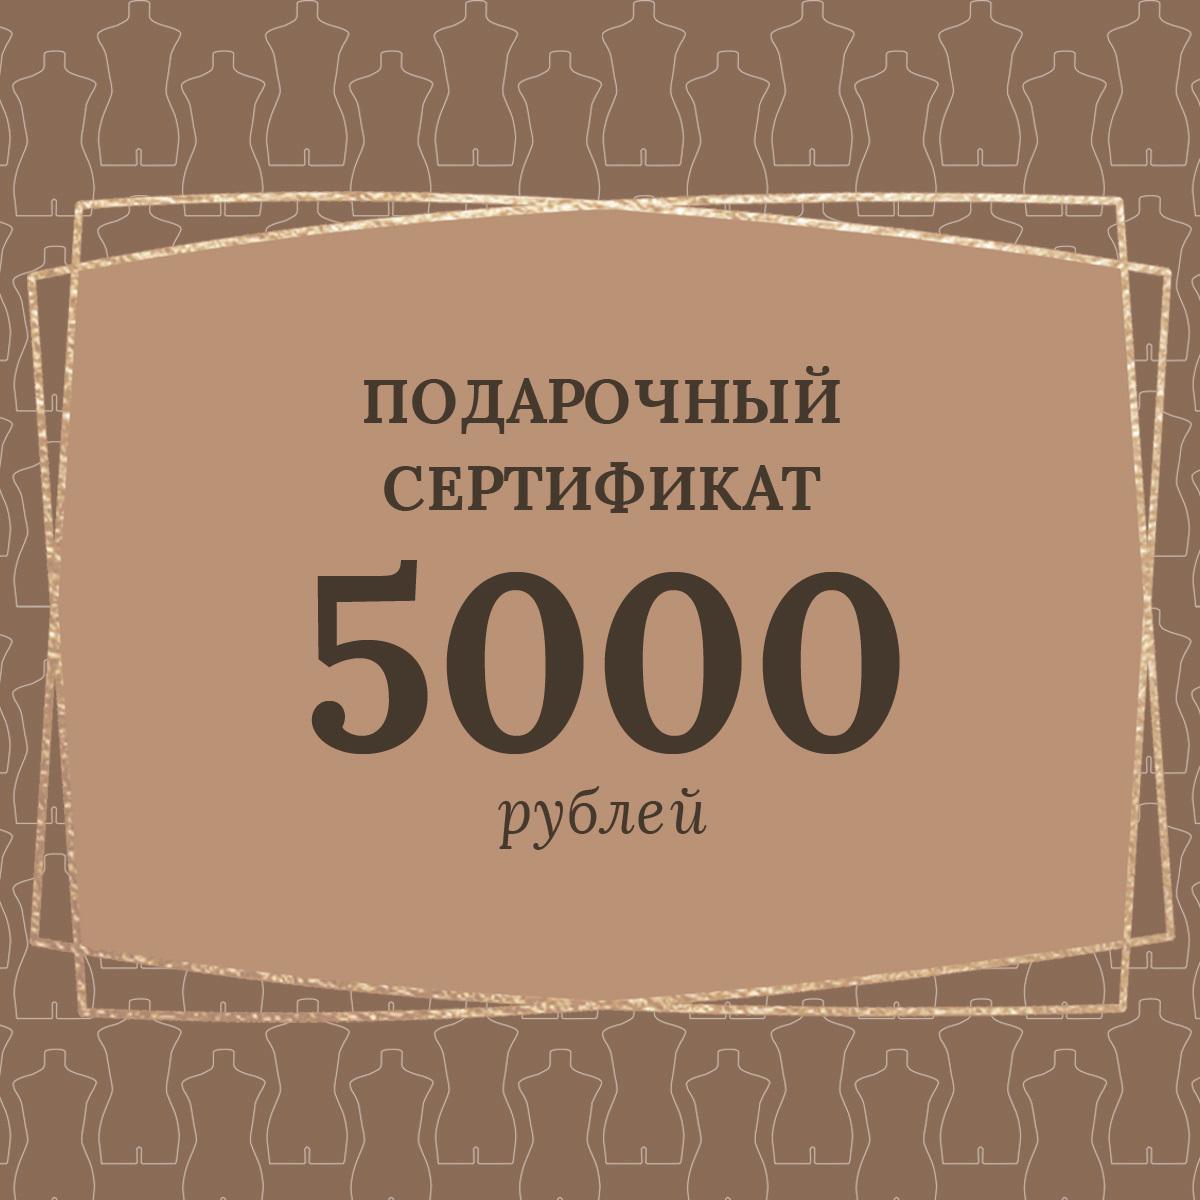 Электронный подарочный сертификат на 5 000 руб.